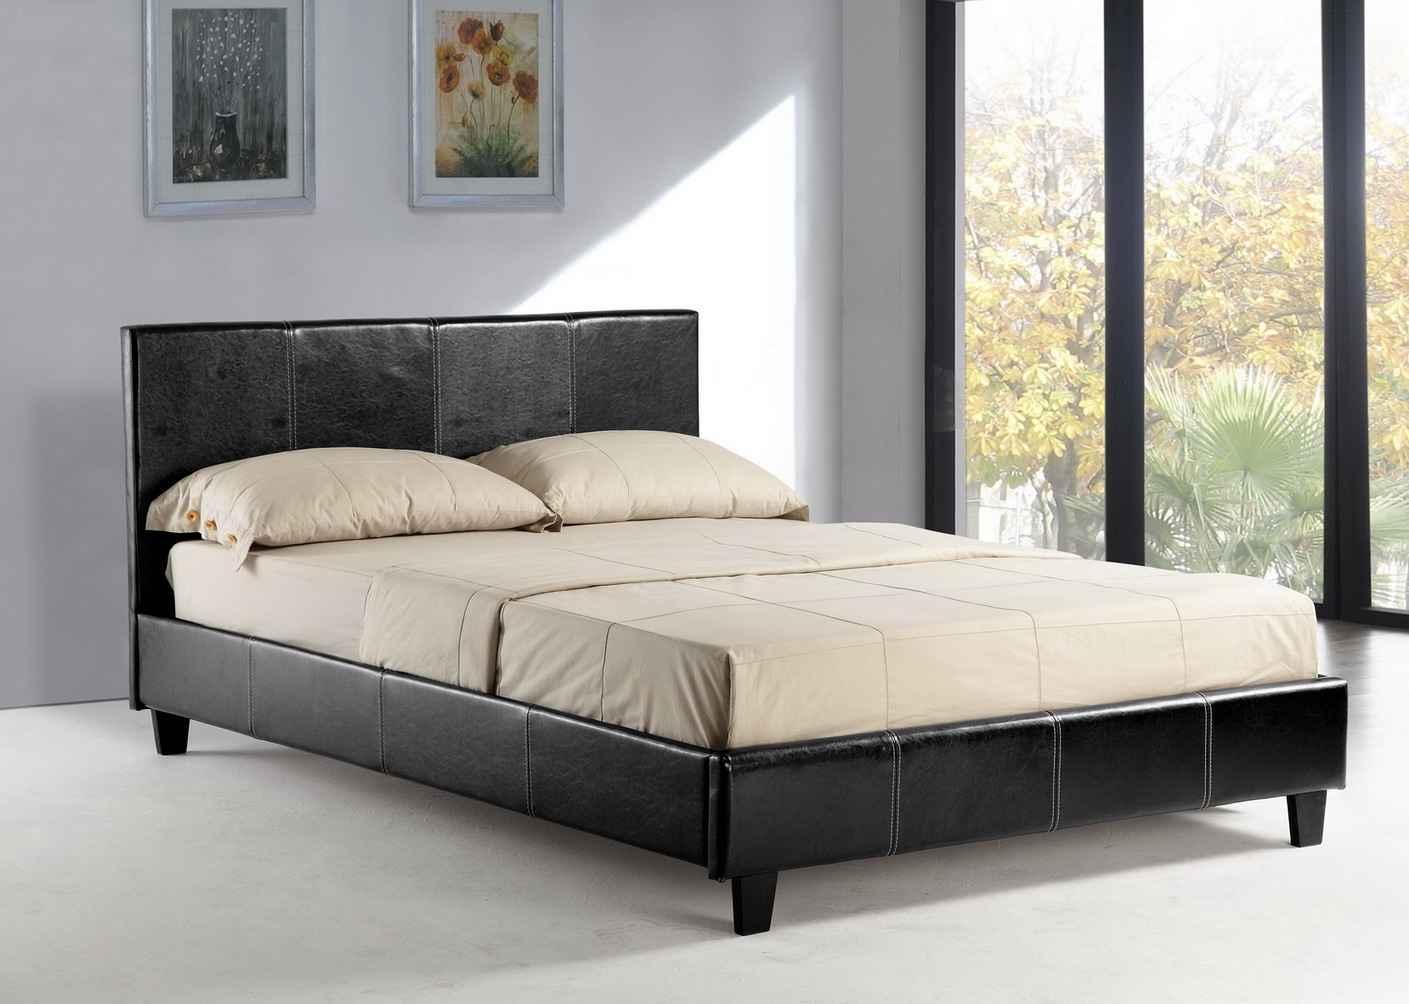 Home Queen Black Platform Beds